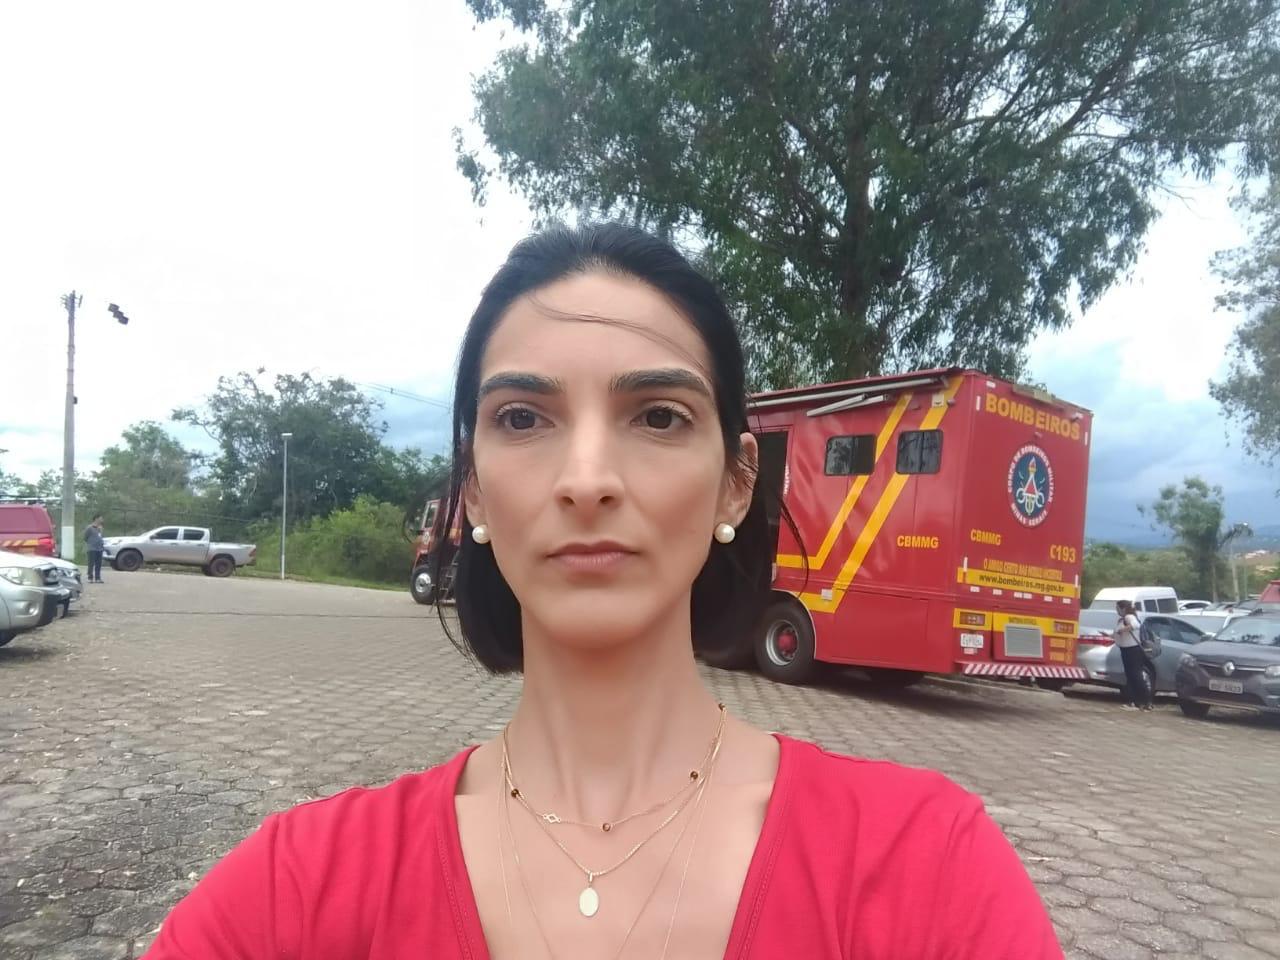 WhatsApp Image 2019 01 27 at 11.44.28 - BRUMADINHO: Paraibana na linha de frente considera legislação de barragens brasileira 'muito permissiva'